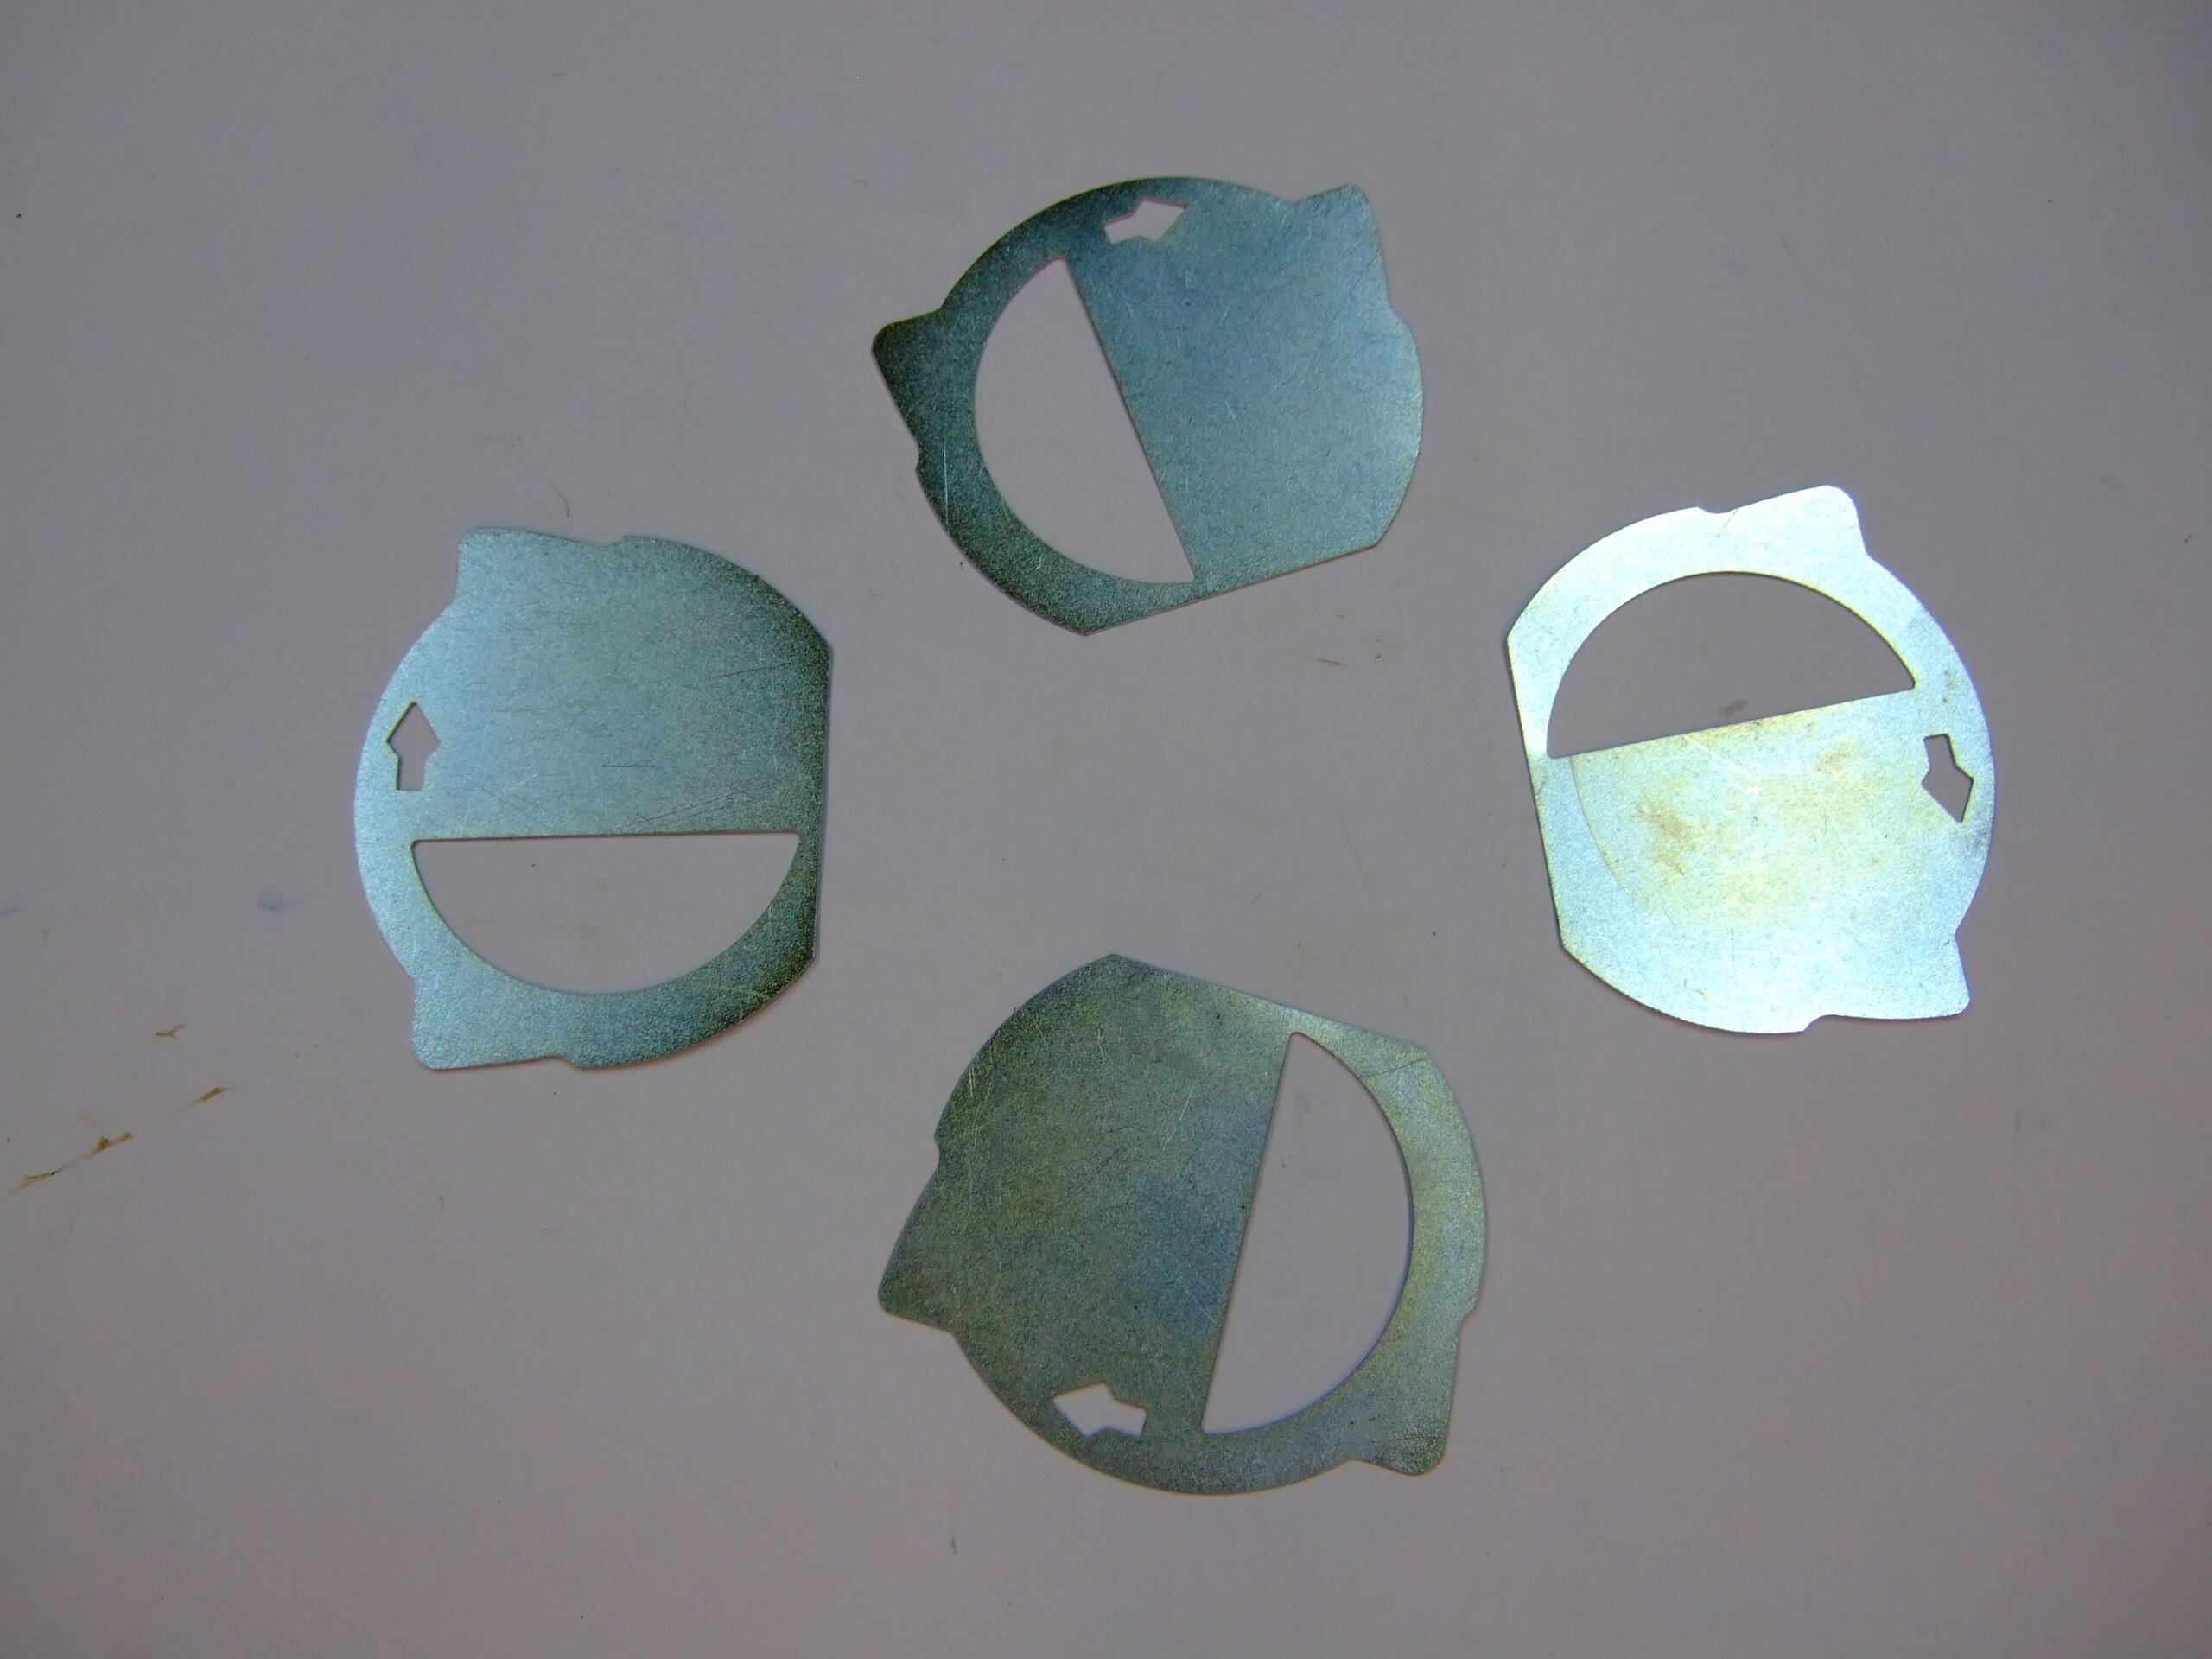 Brake pad anti-squeal shims